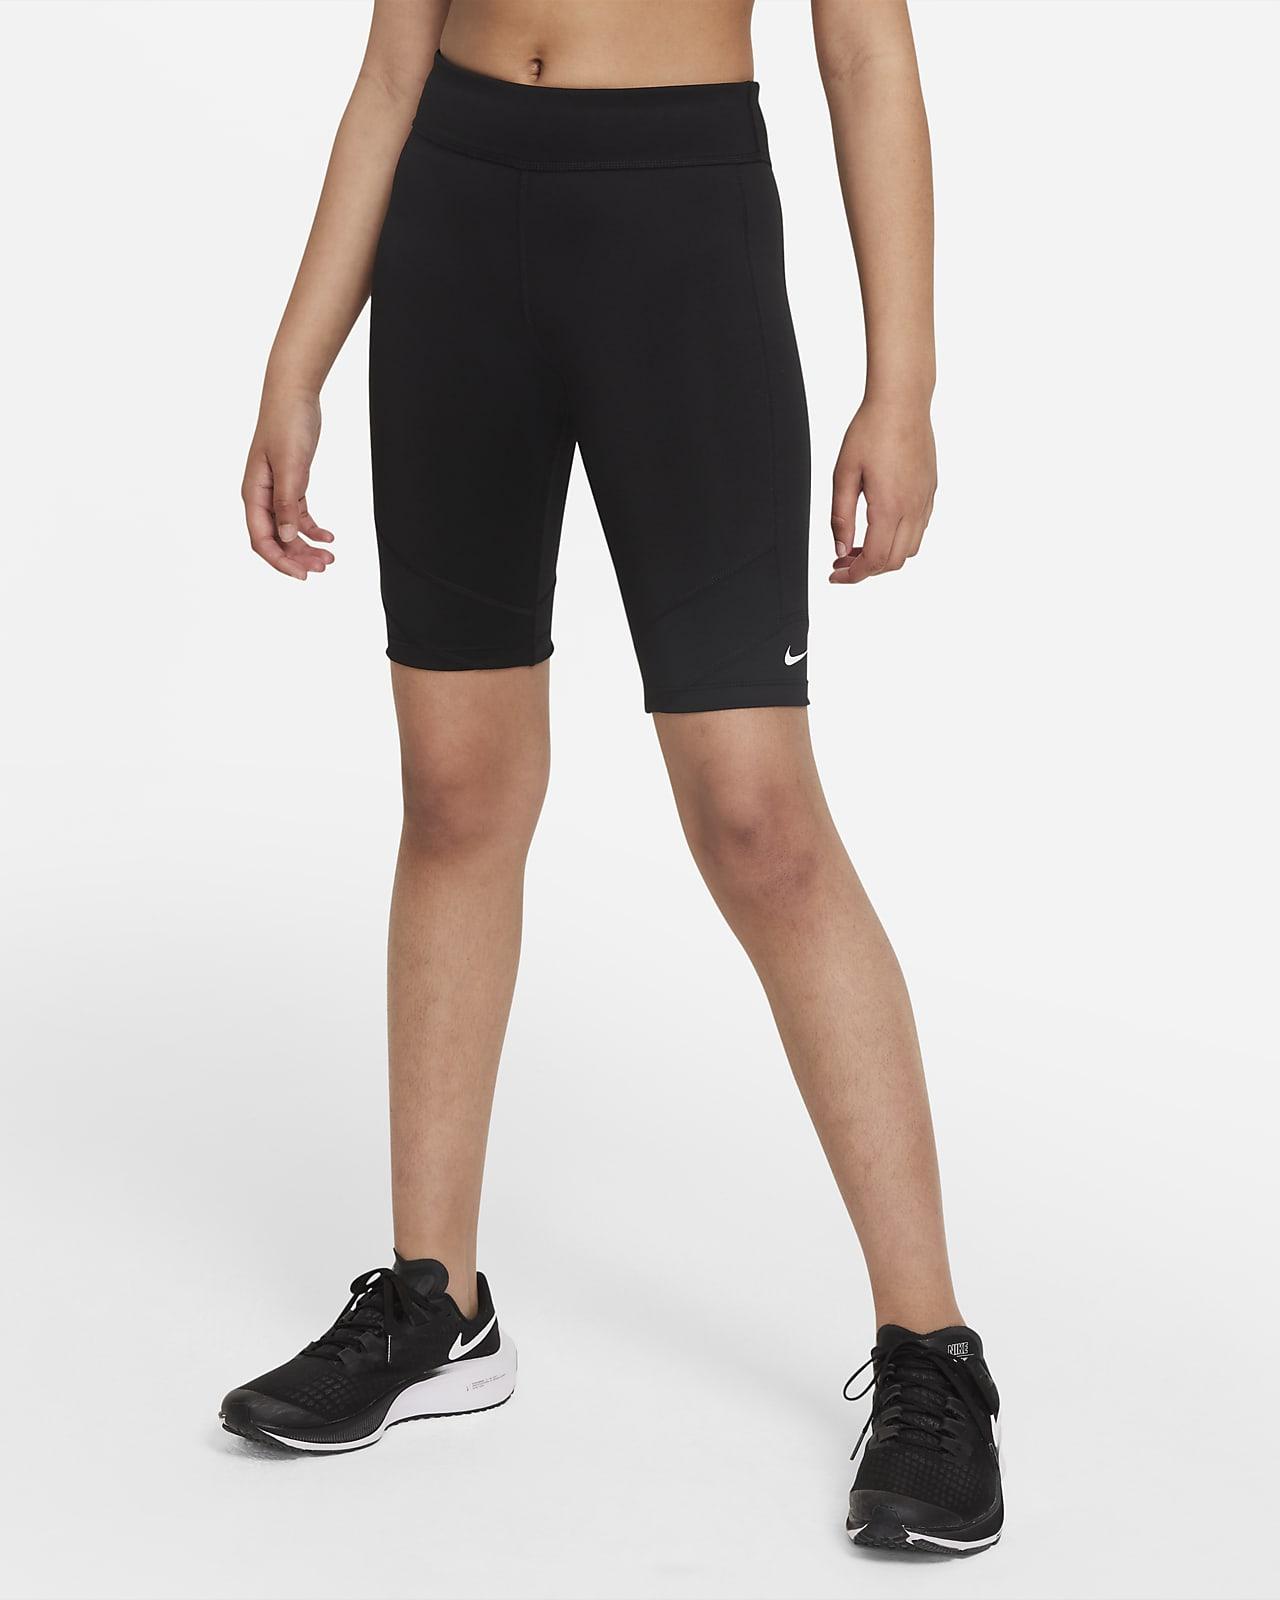 Nike Dri-FIT One kerékpáros rövidnadrág nagyobb gyerekeknek (lányoknak)